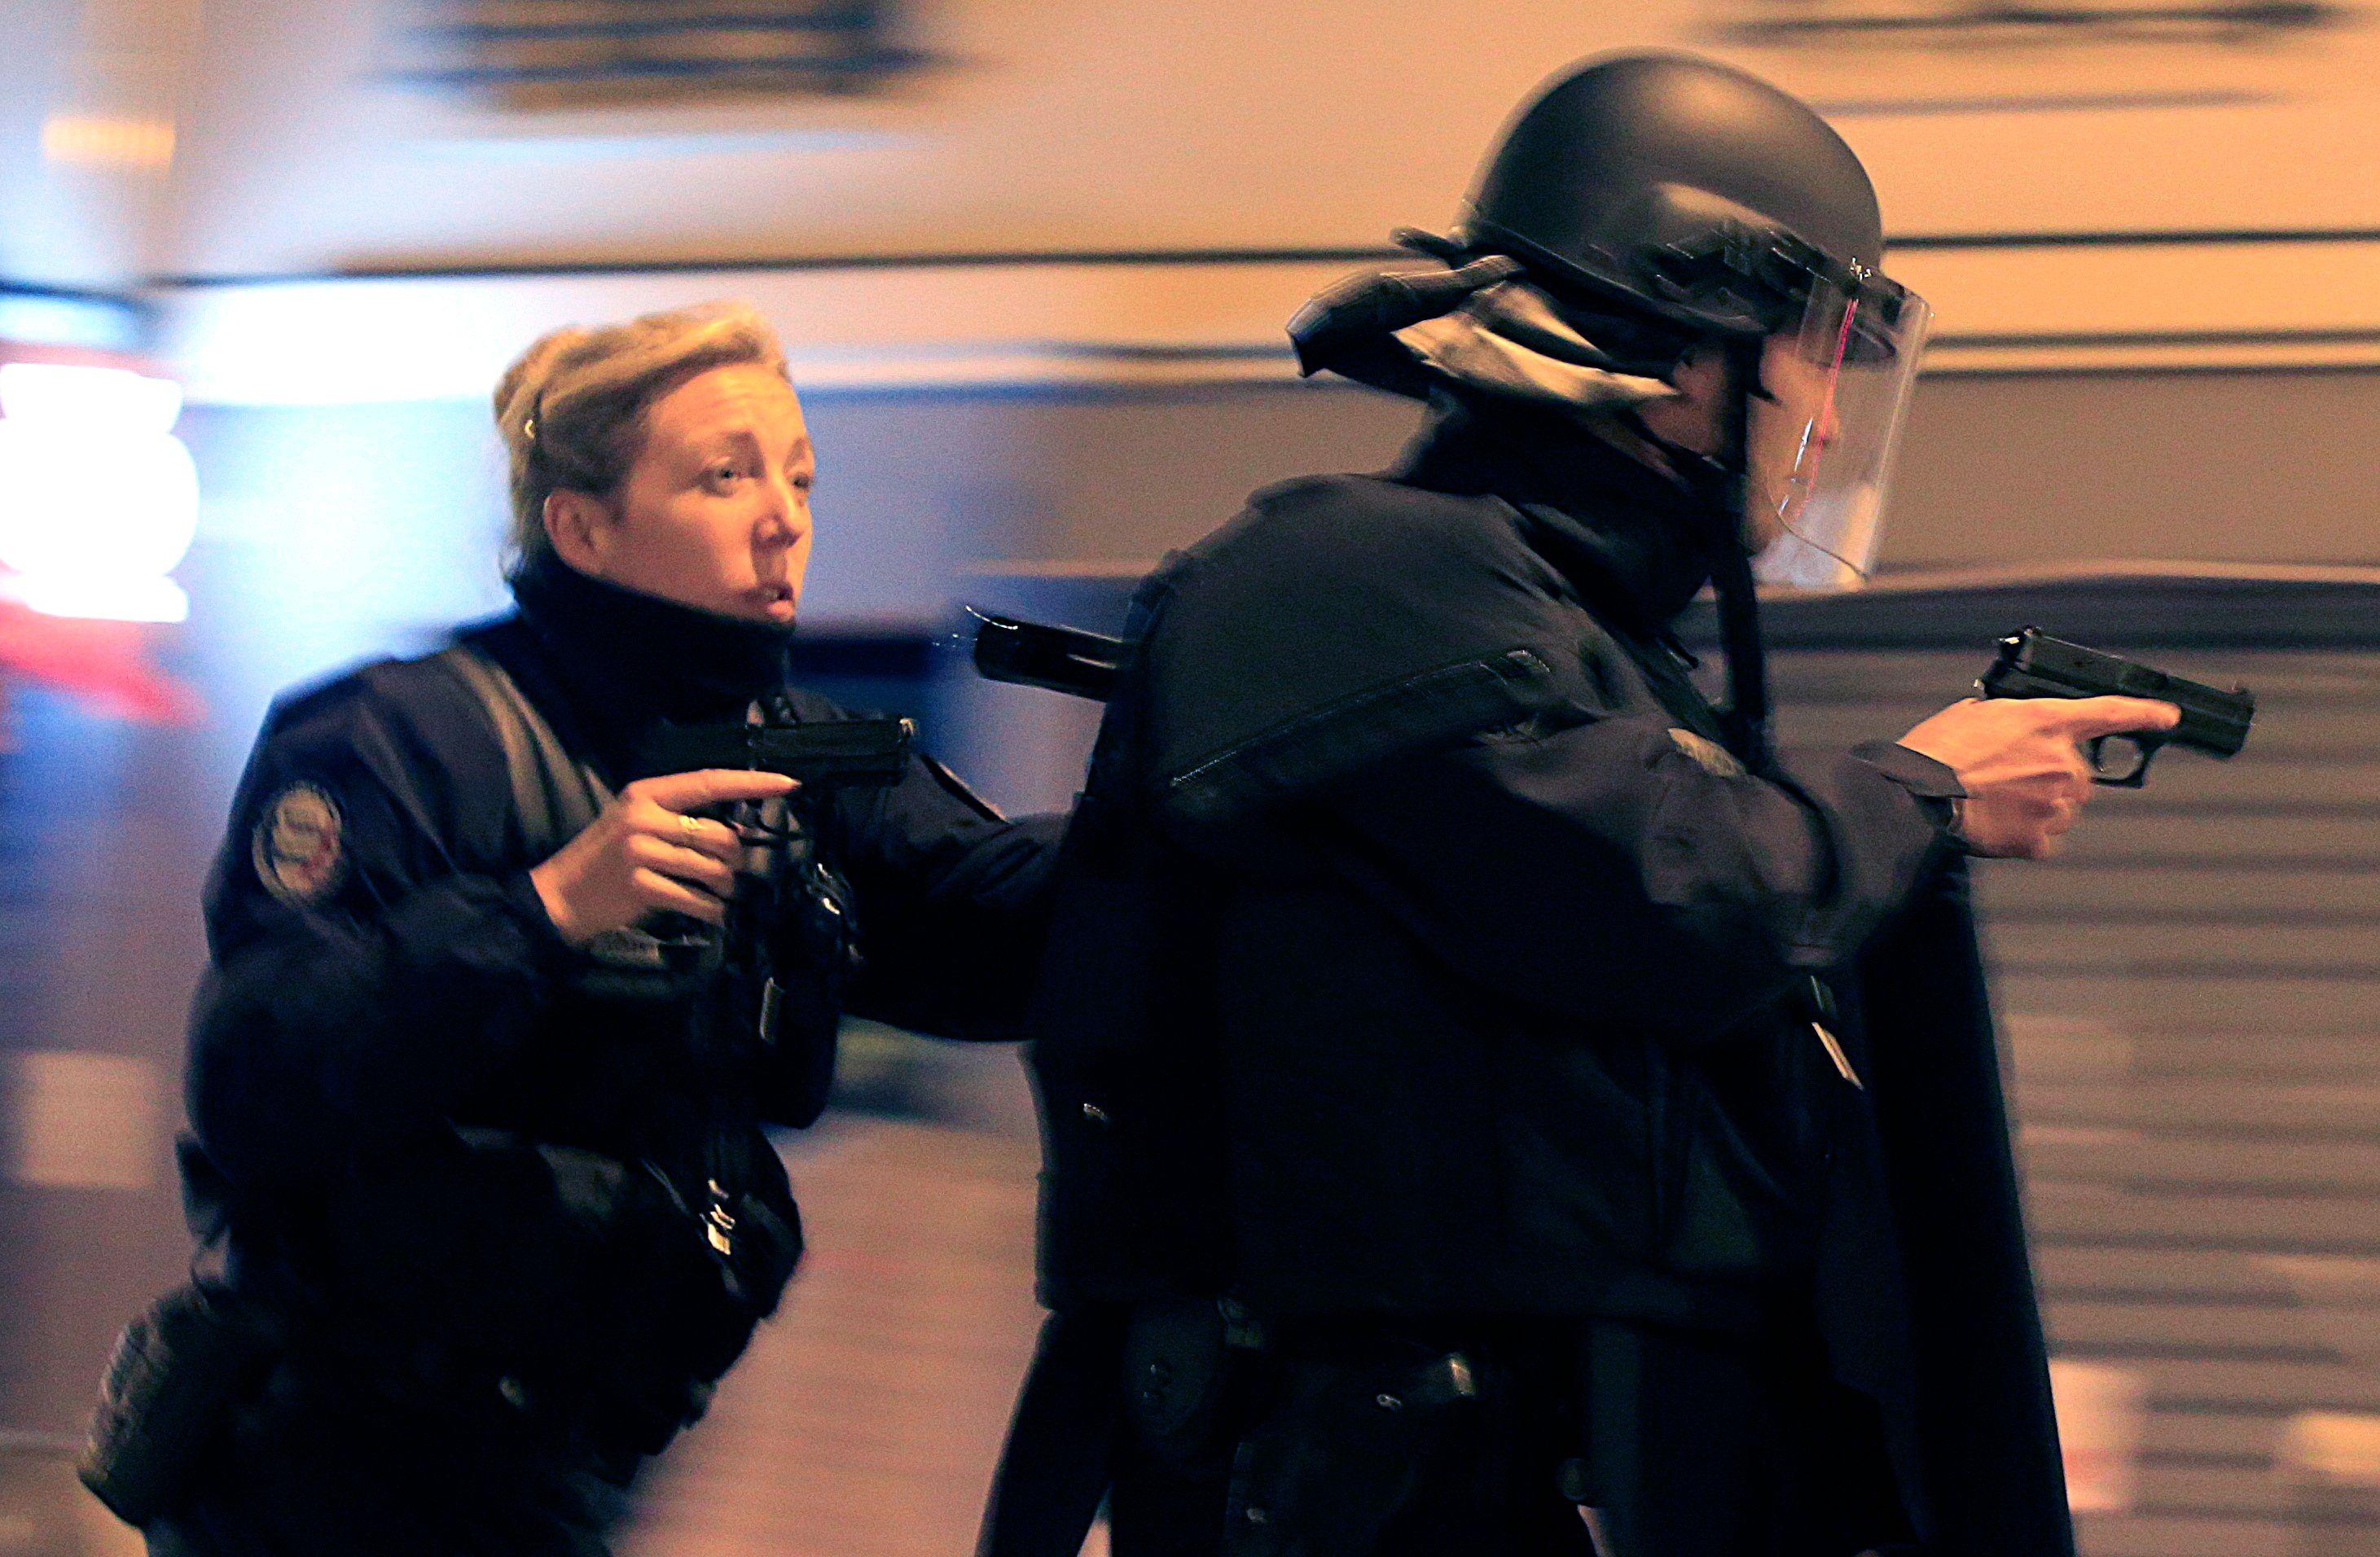 Antiterrorisme : le gouvernement pourrait intégrer des mesures d'exception dans le code pénal, augmentant considérablement les pouvoirs de la police